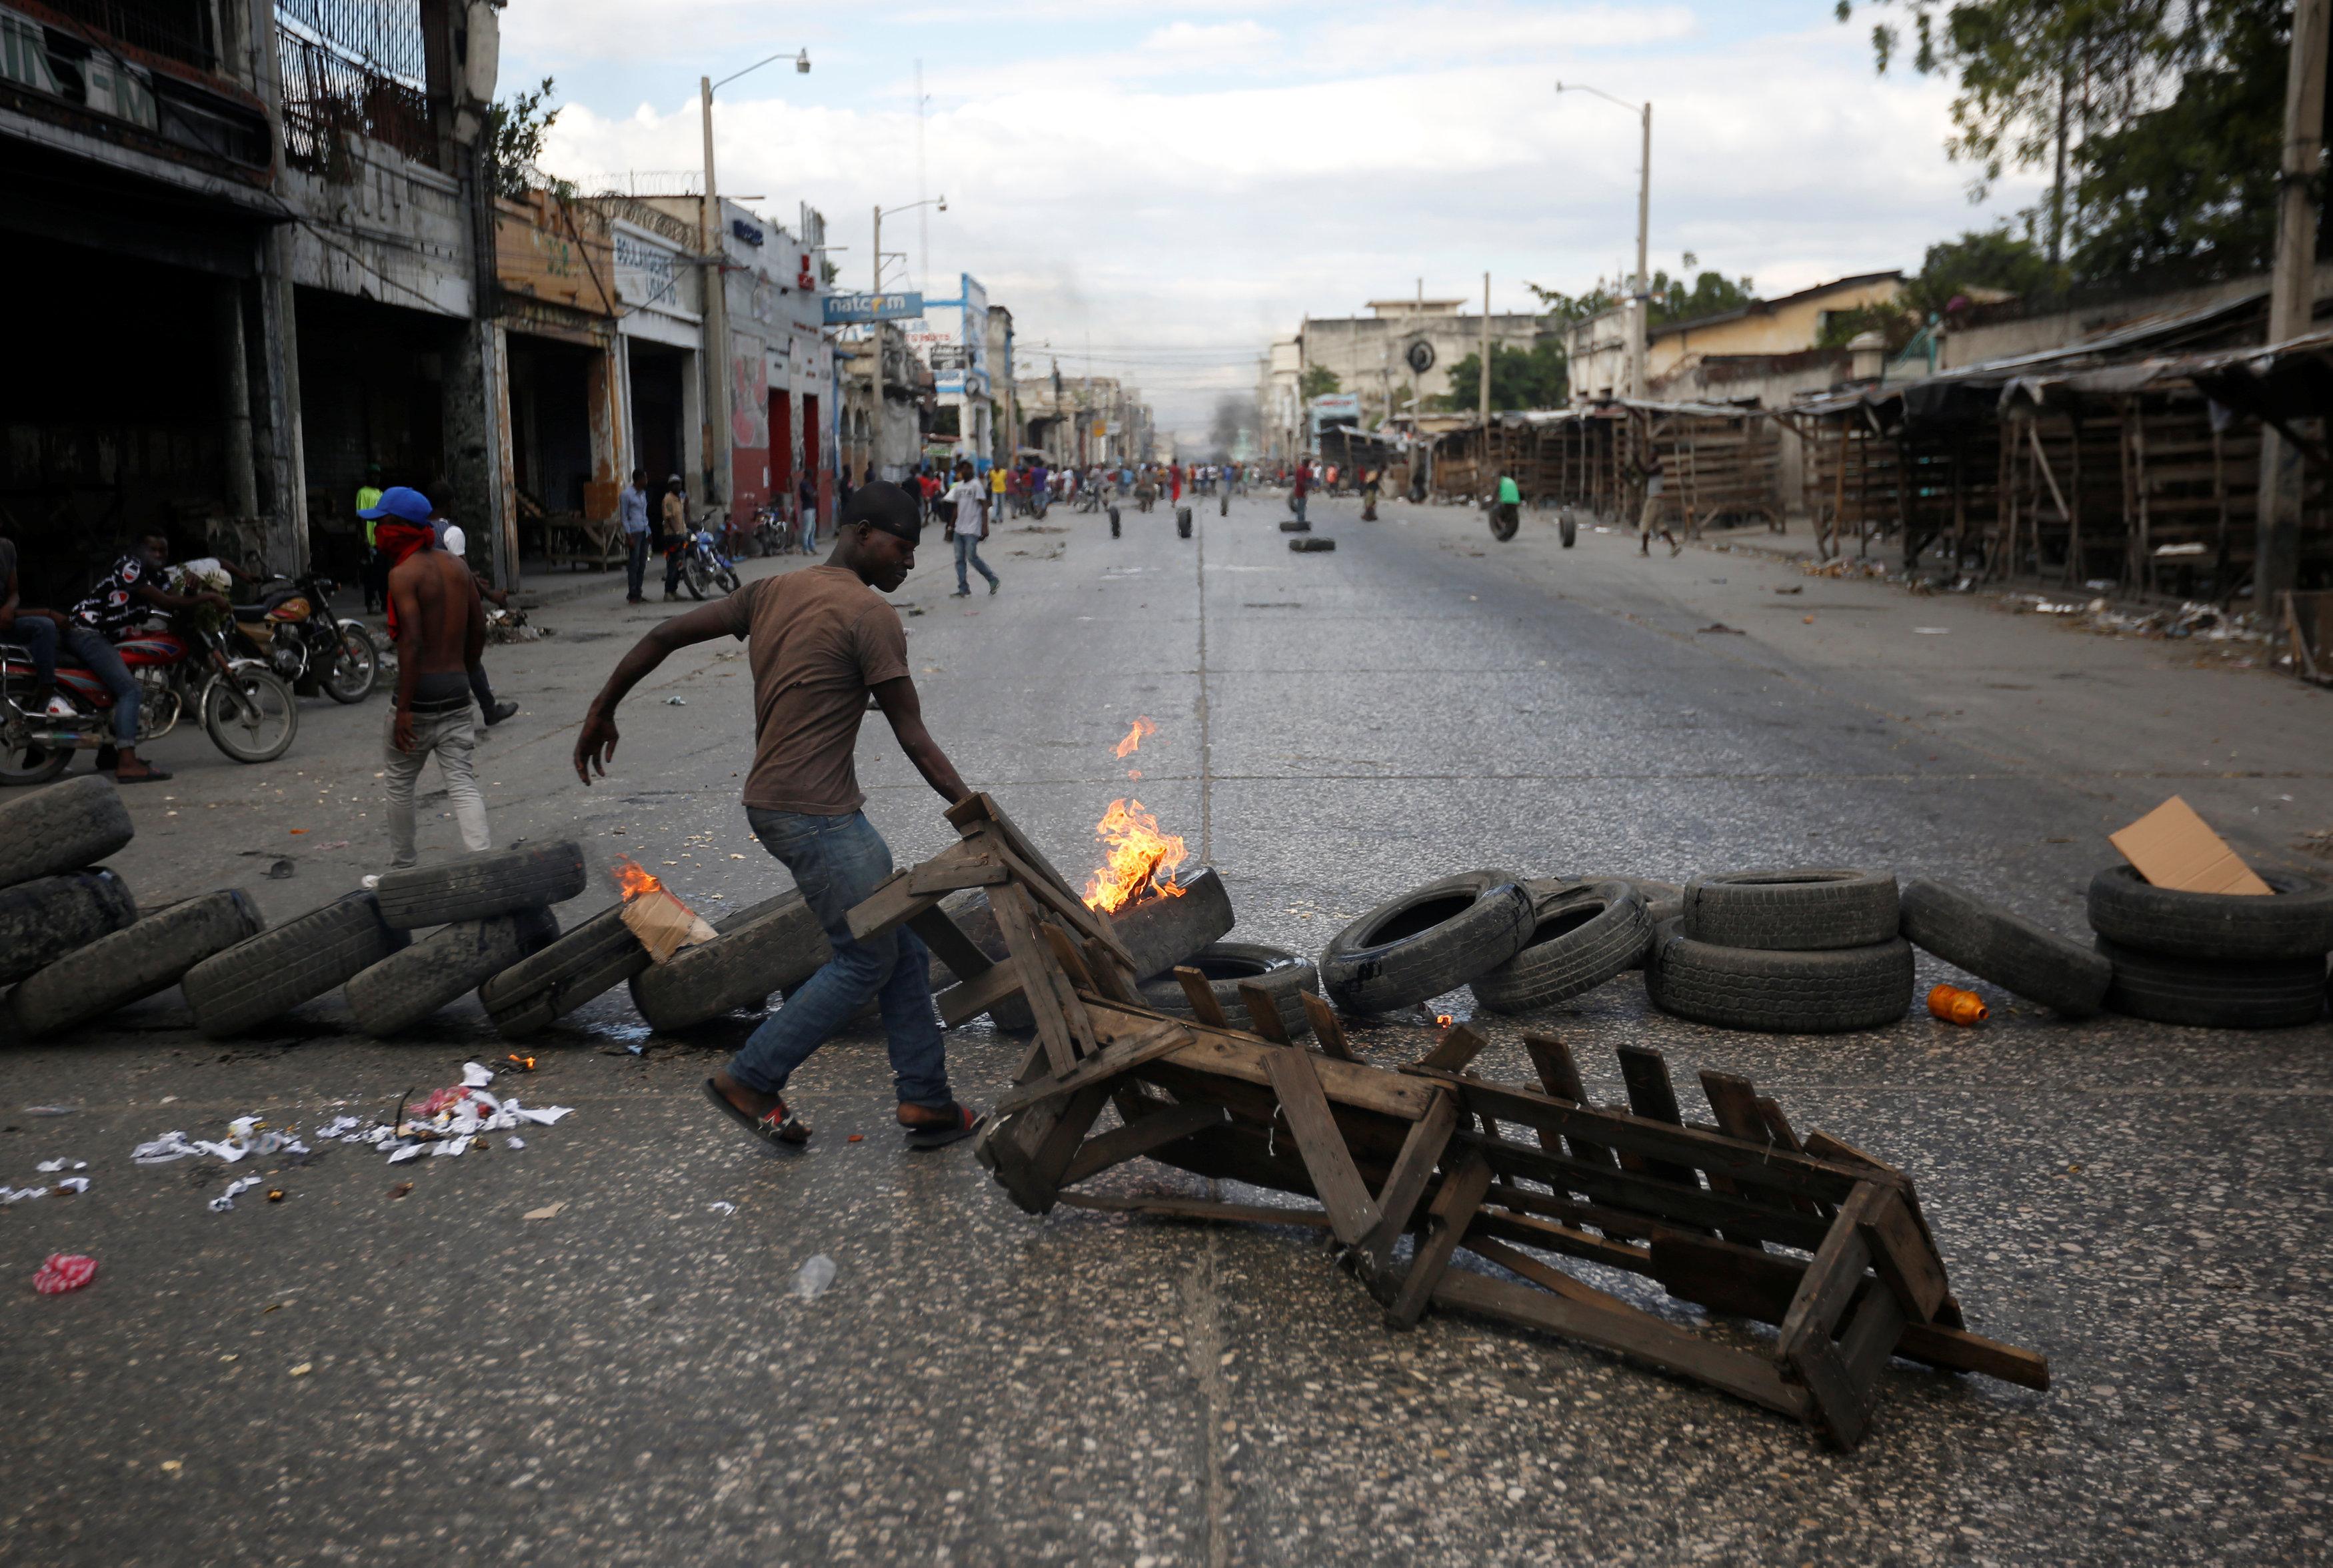 الاحتجاجات العنيفة ضد السلطة فى هايتى  (5)